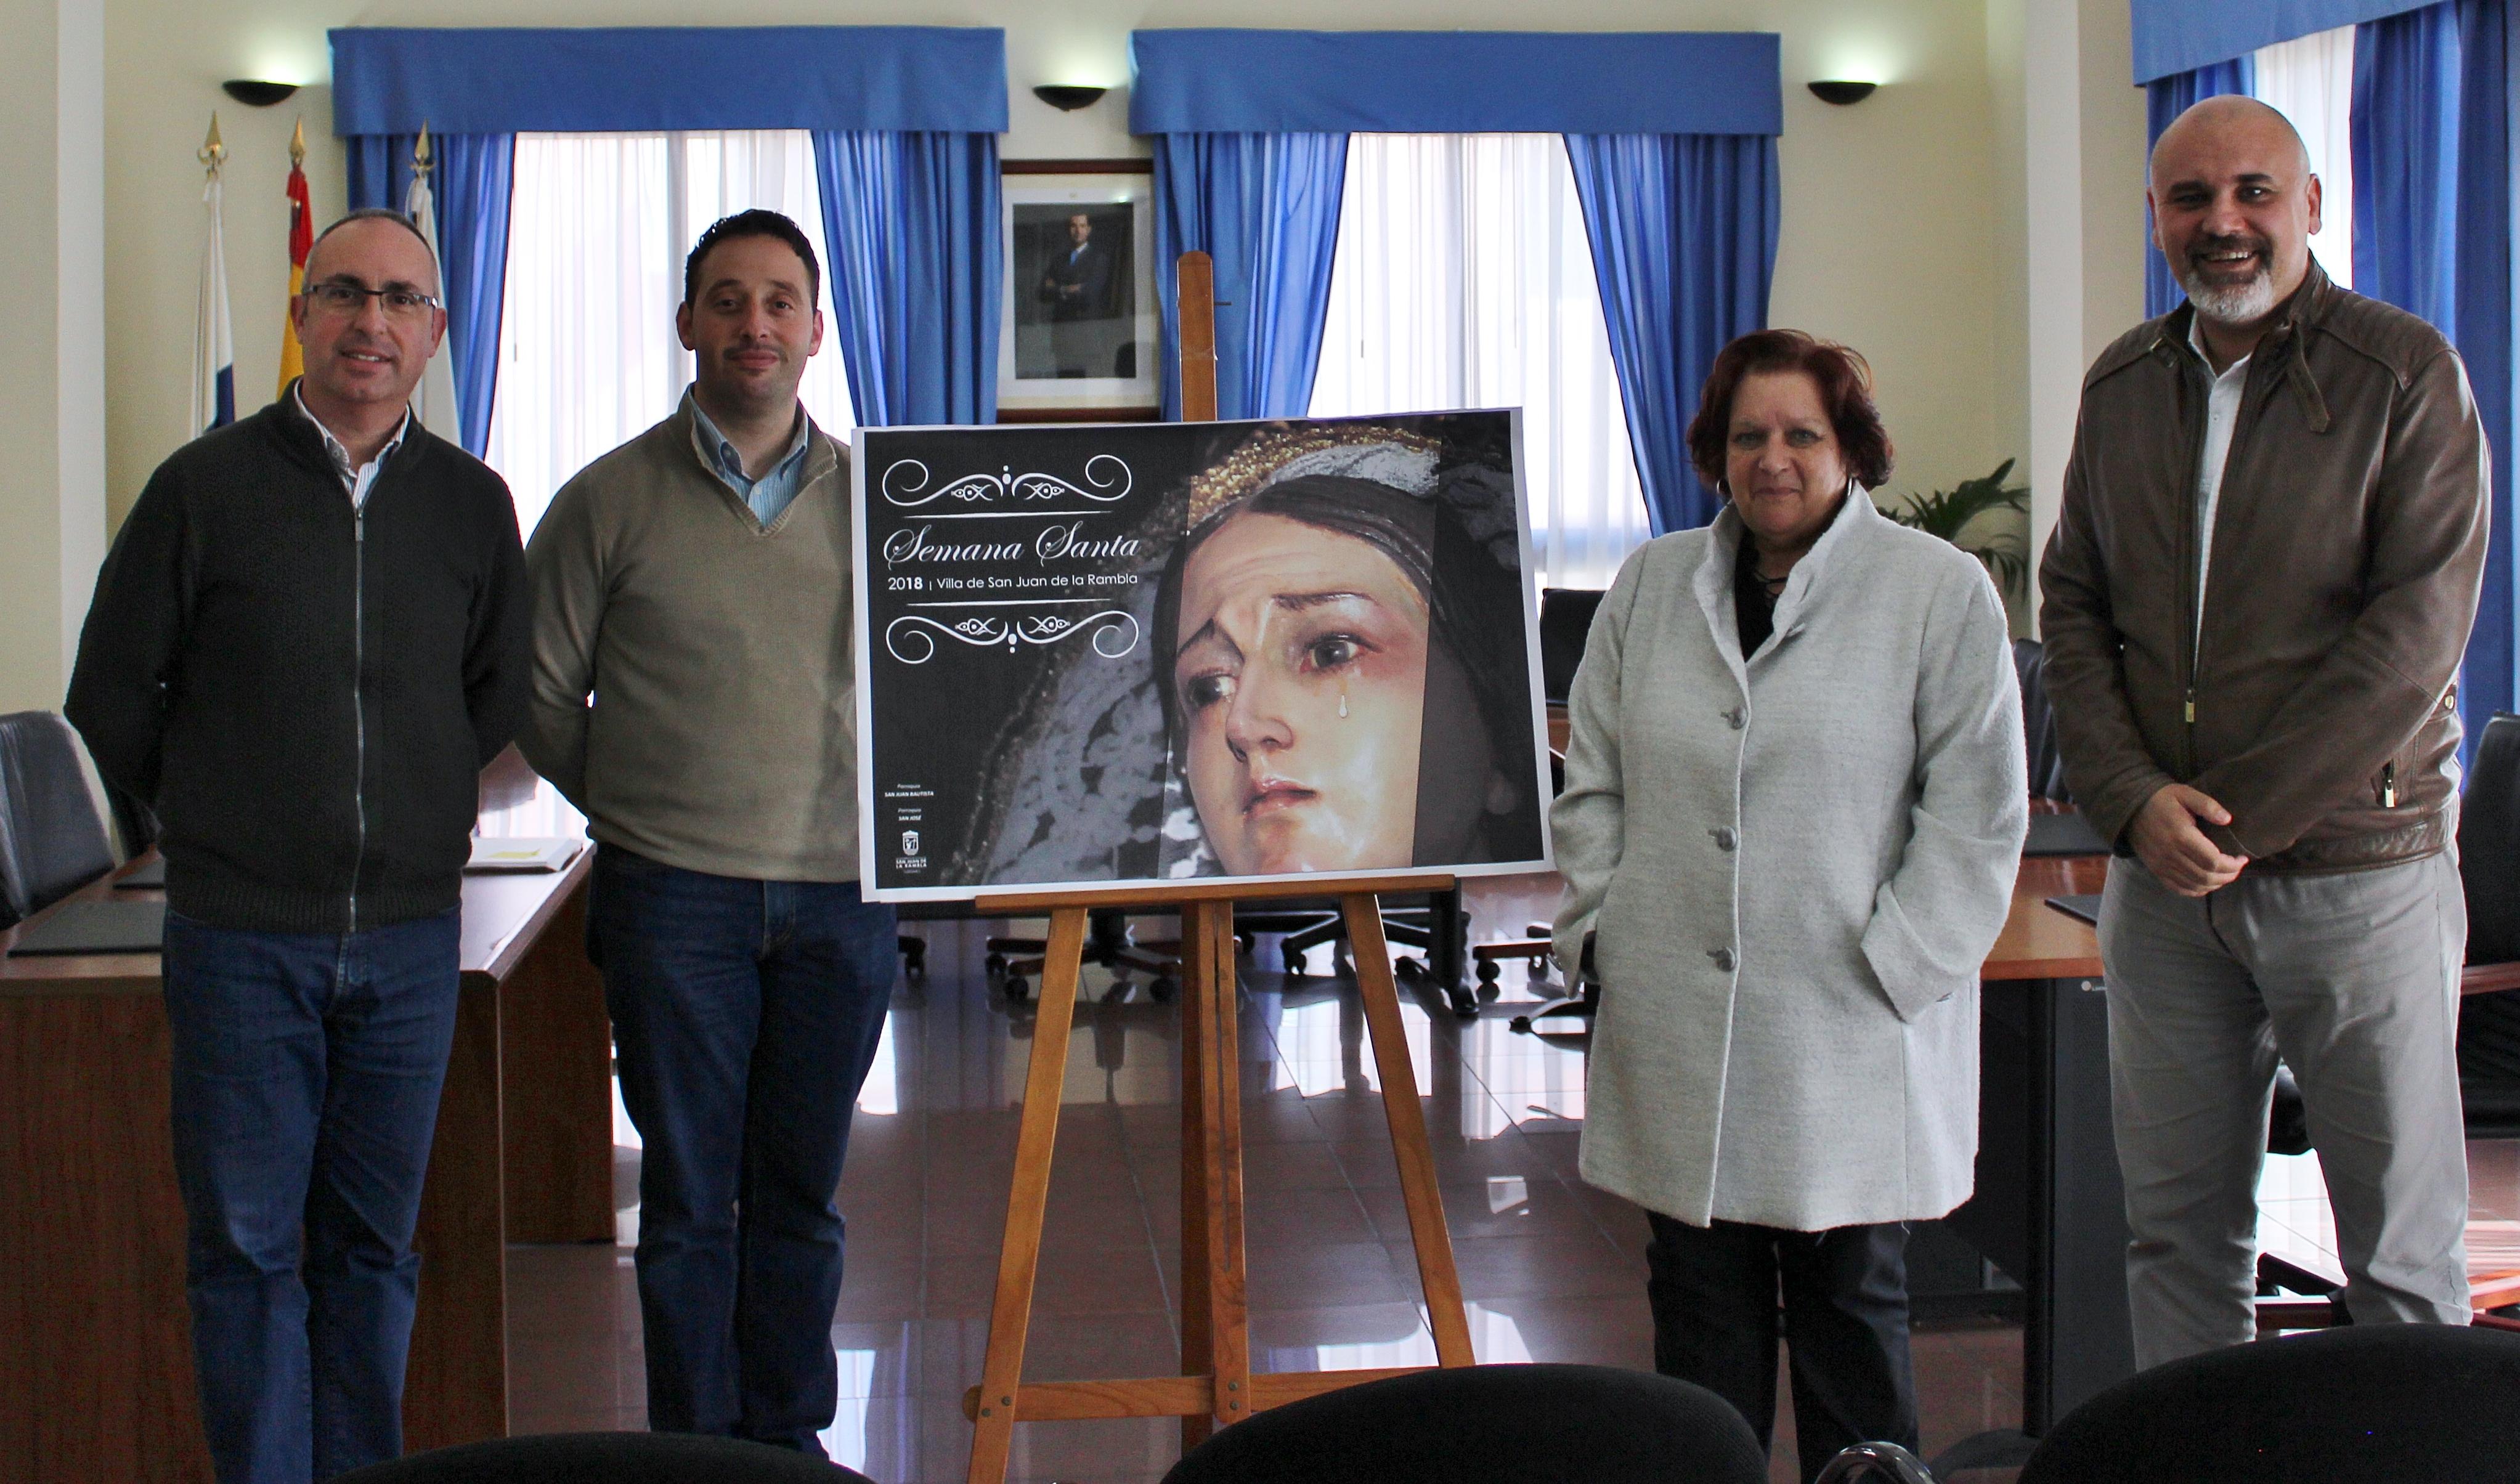 Presentado el cartel oficial de la Semana Santa de San Juan de la Rambla